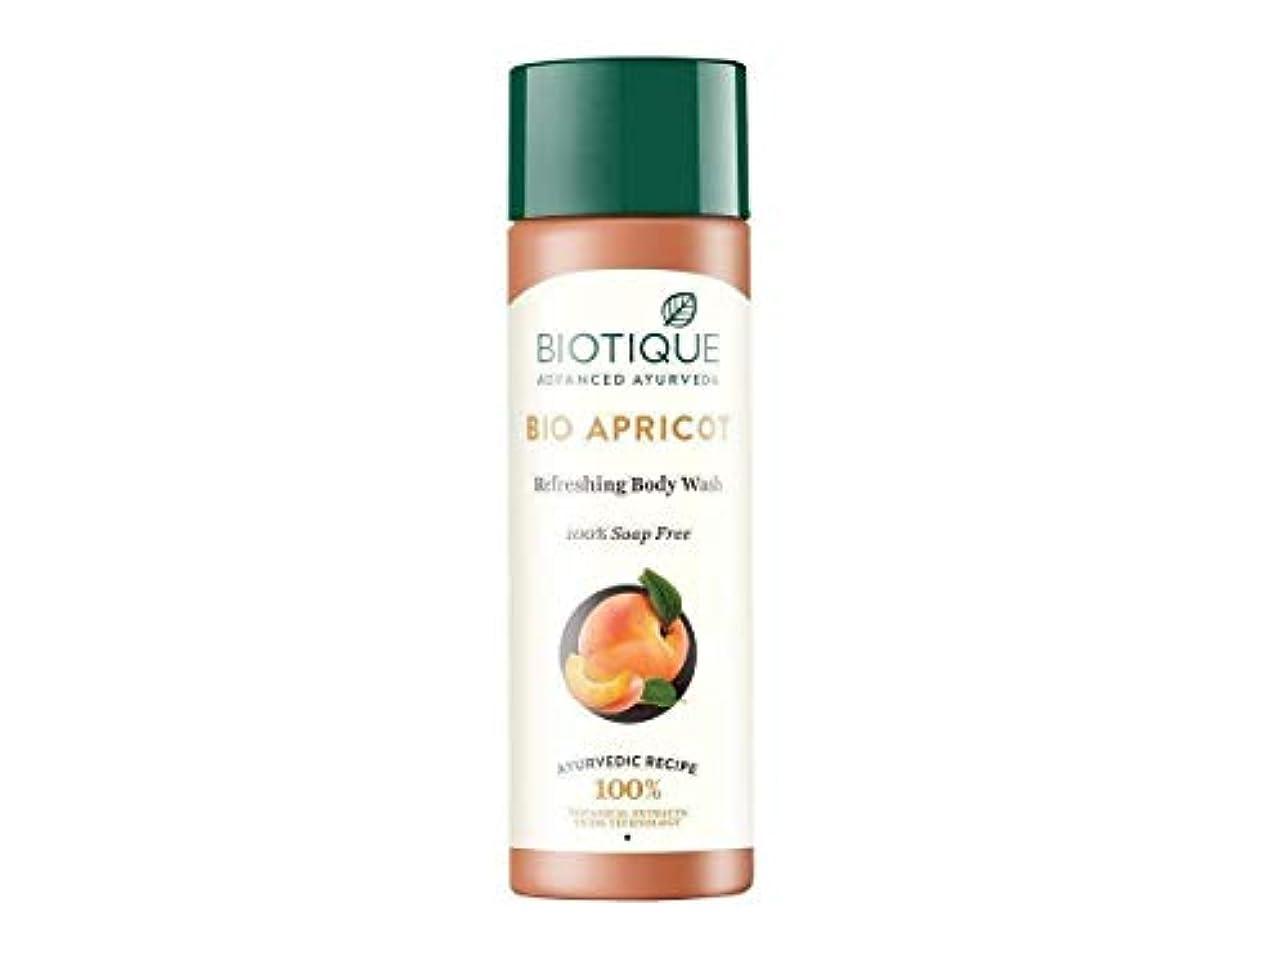 充電シャー知っているに立ち寄るBiotique Bio Apricot Refreshing Body Wash, 190ml 100% soap-free gel For All Skin Biotiqueバイオアプリコットさわやかなボディウォッシュ...